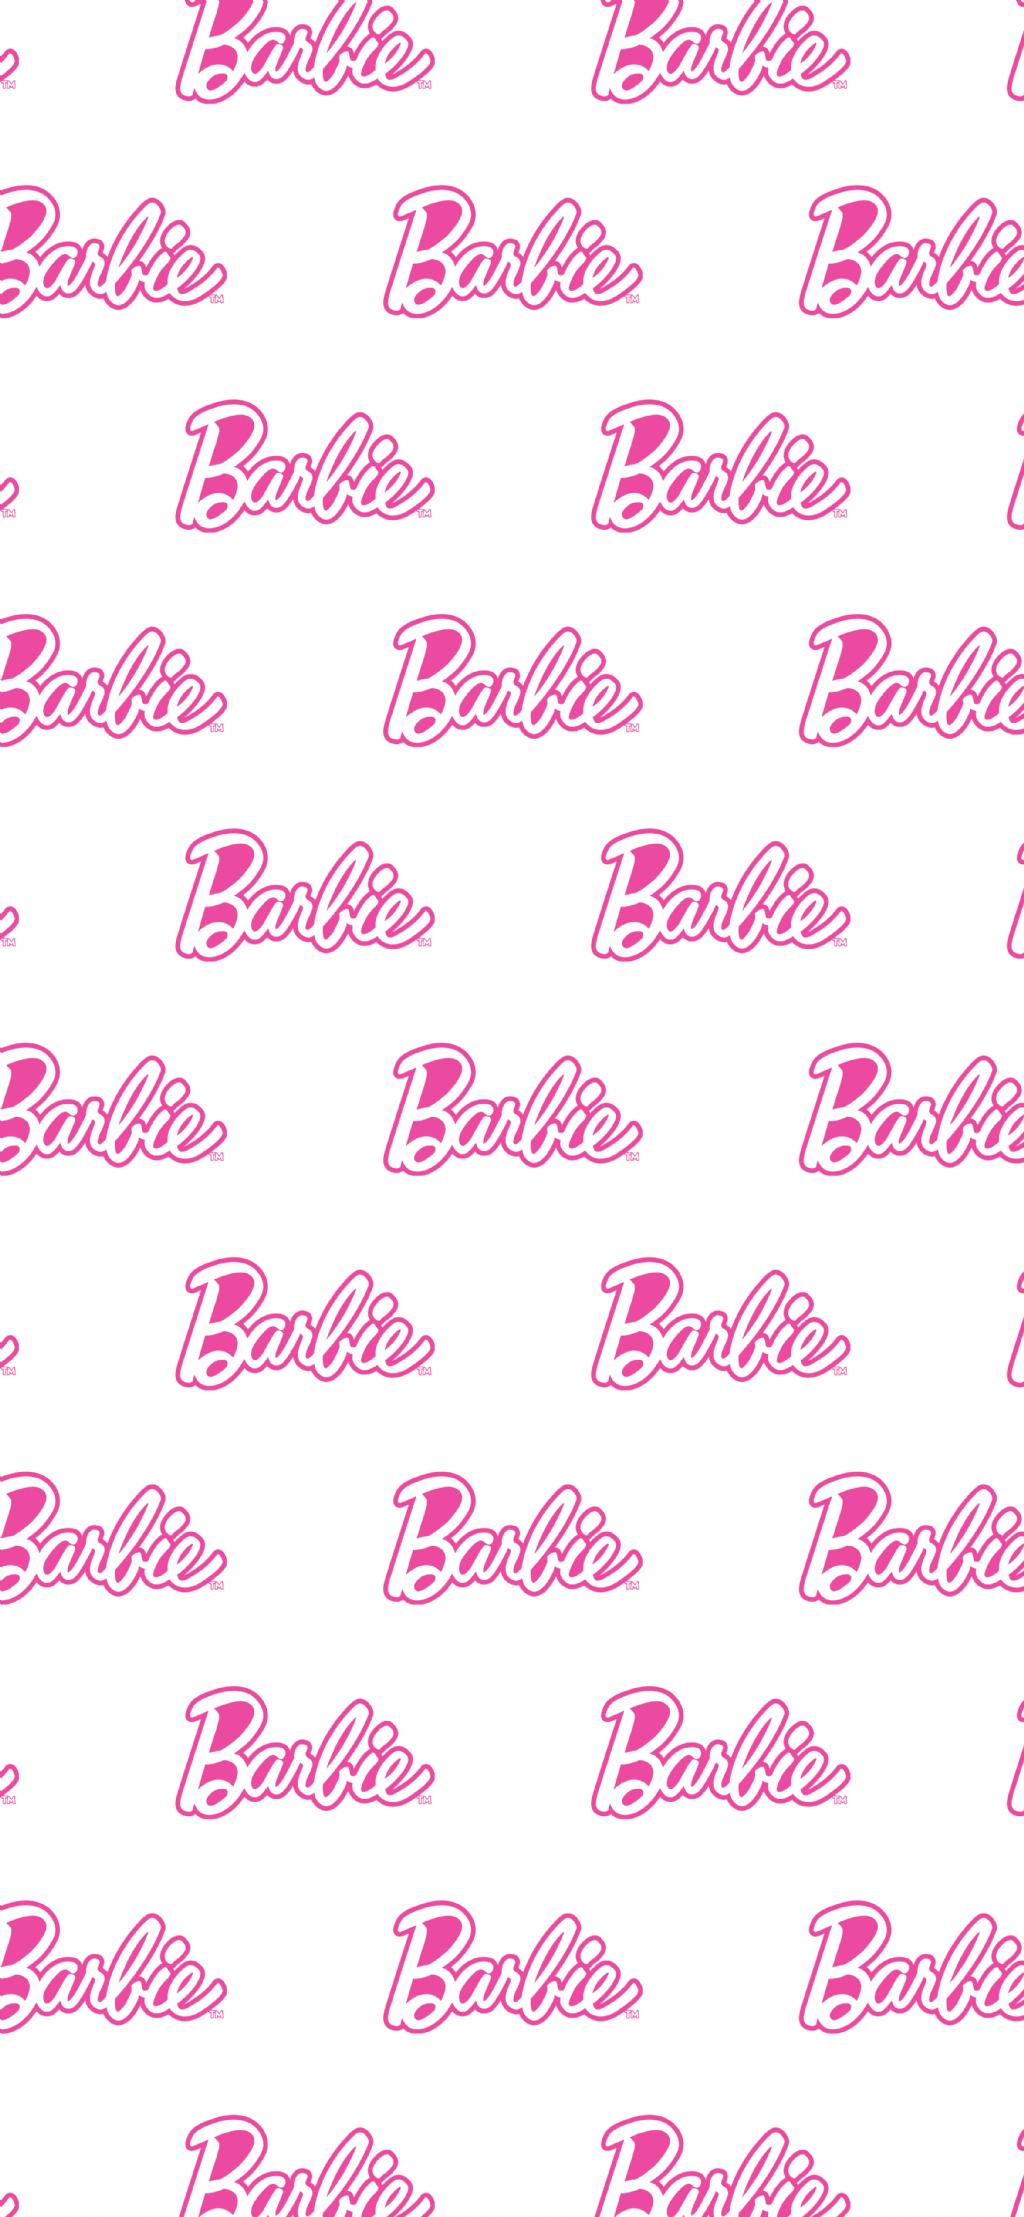 Barbie Wallpaper Papel De Parede Cor De Rosa Papel De Parede Barbie Imagem De Fundo Para Iphone